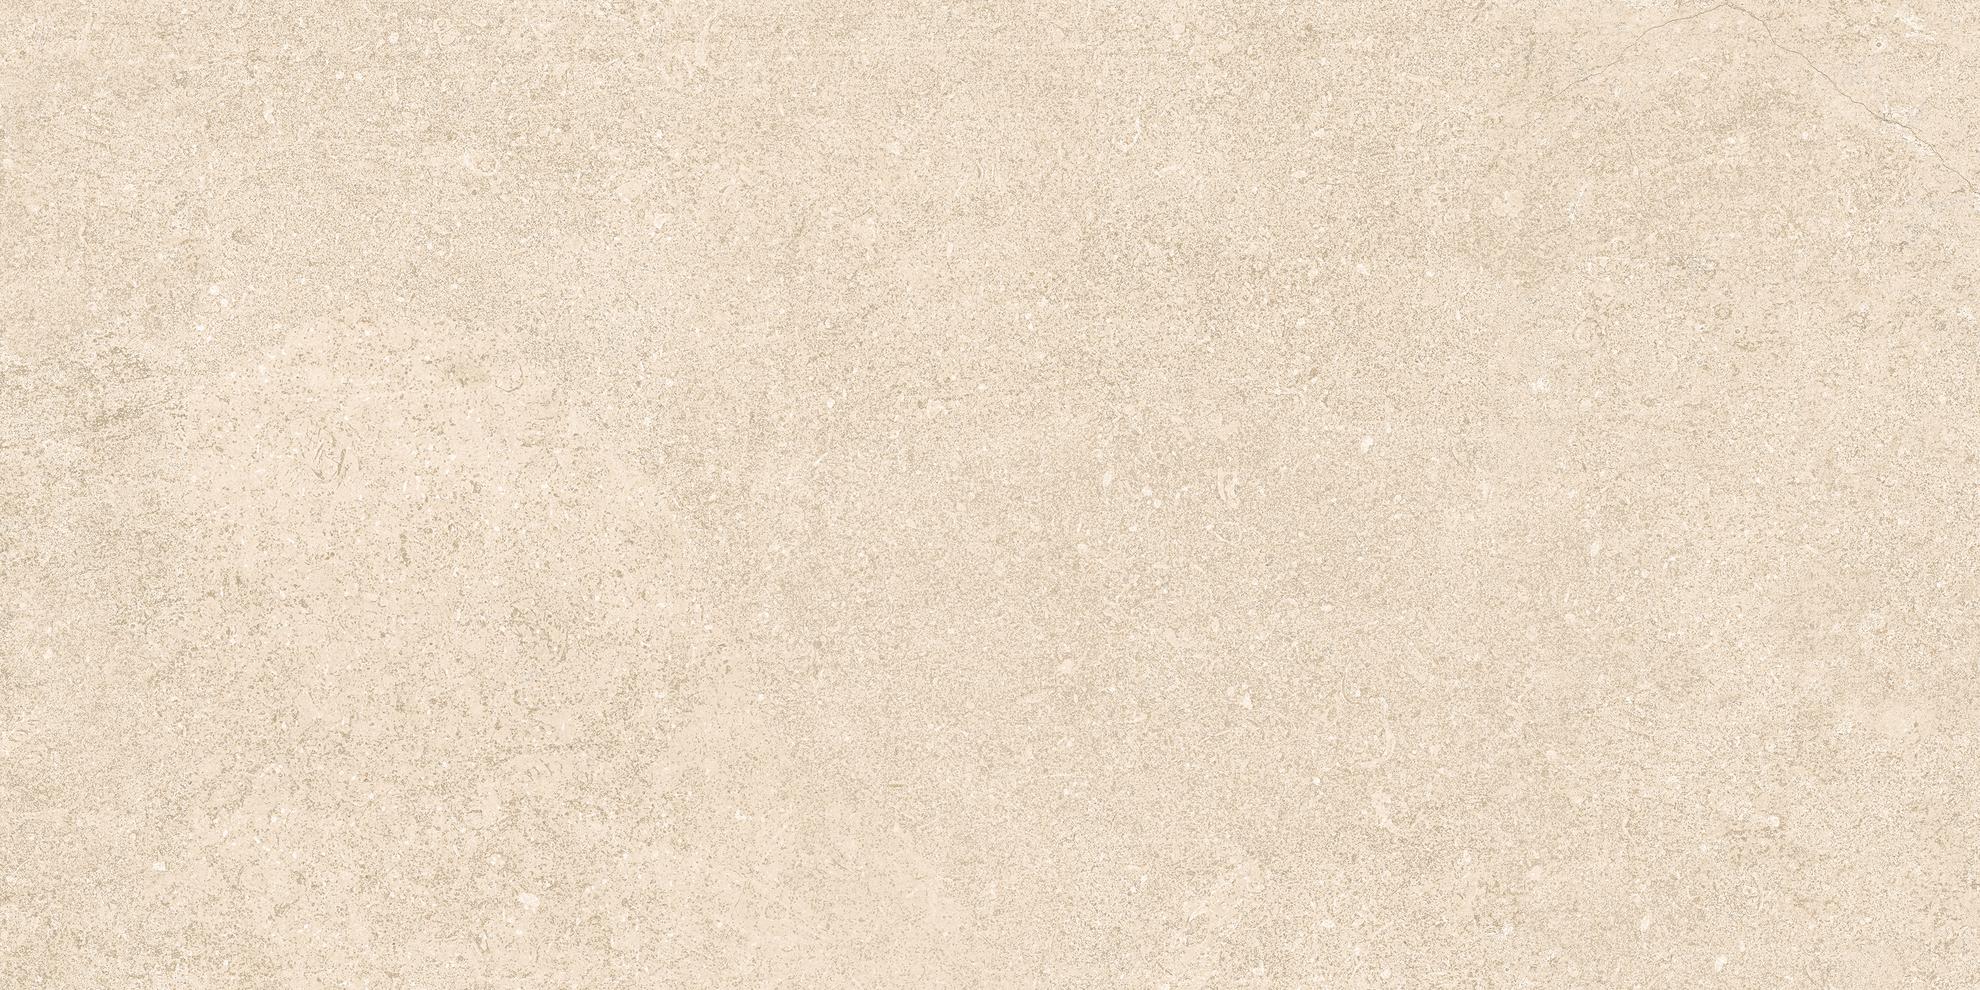 30x60 Newcon Tile Cream Semi Glossy